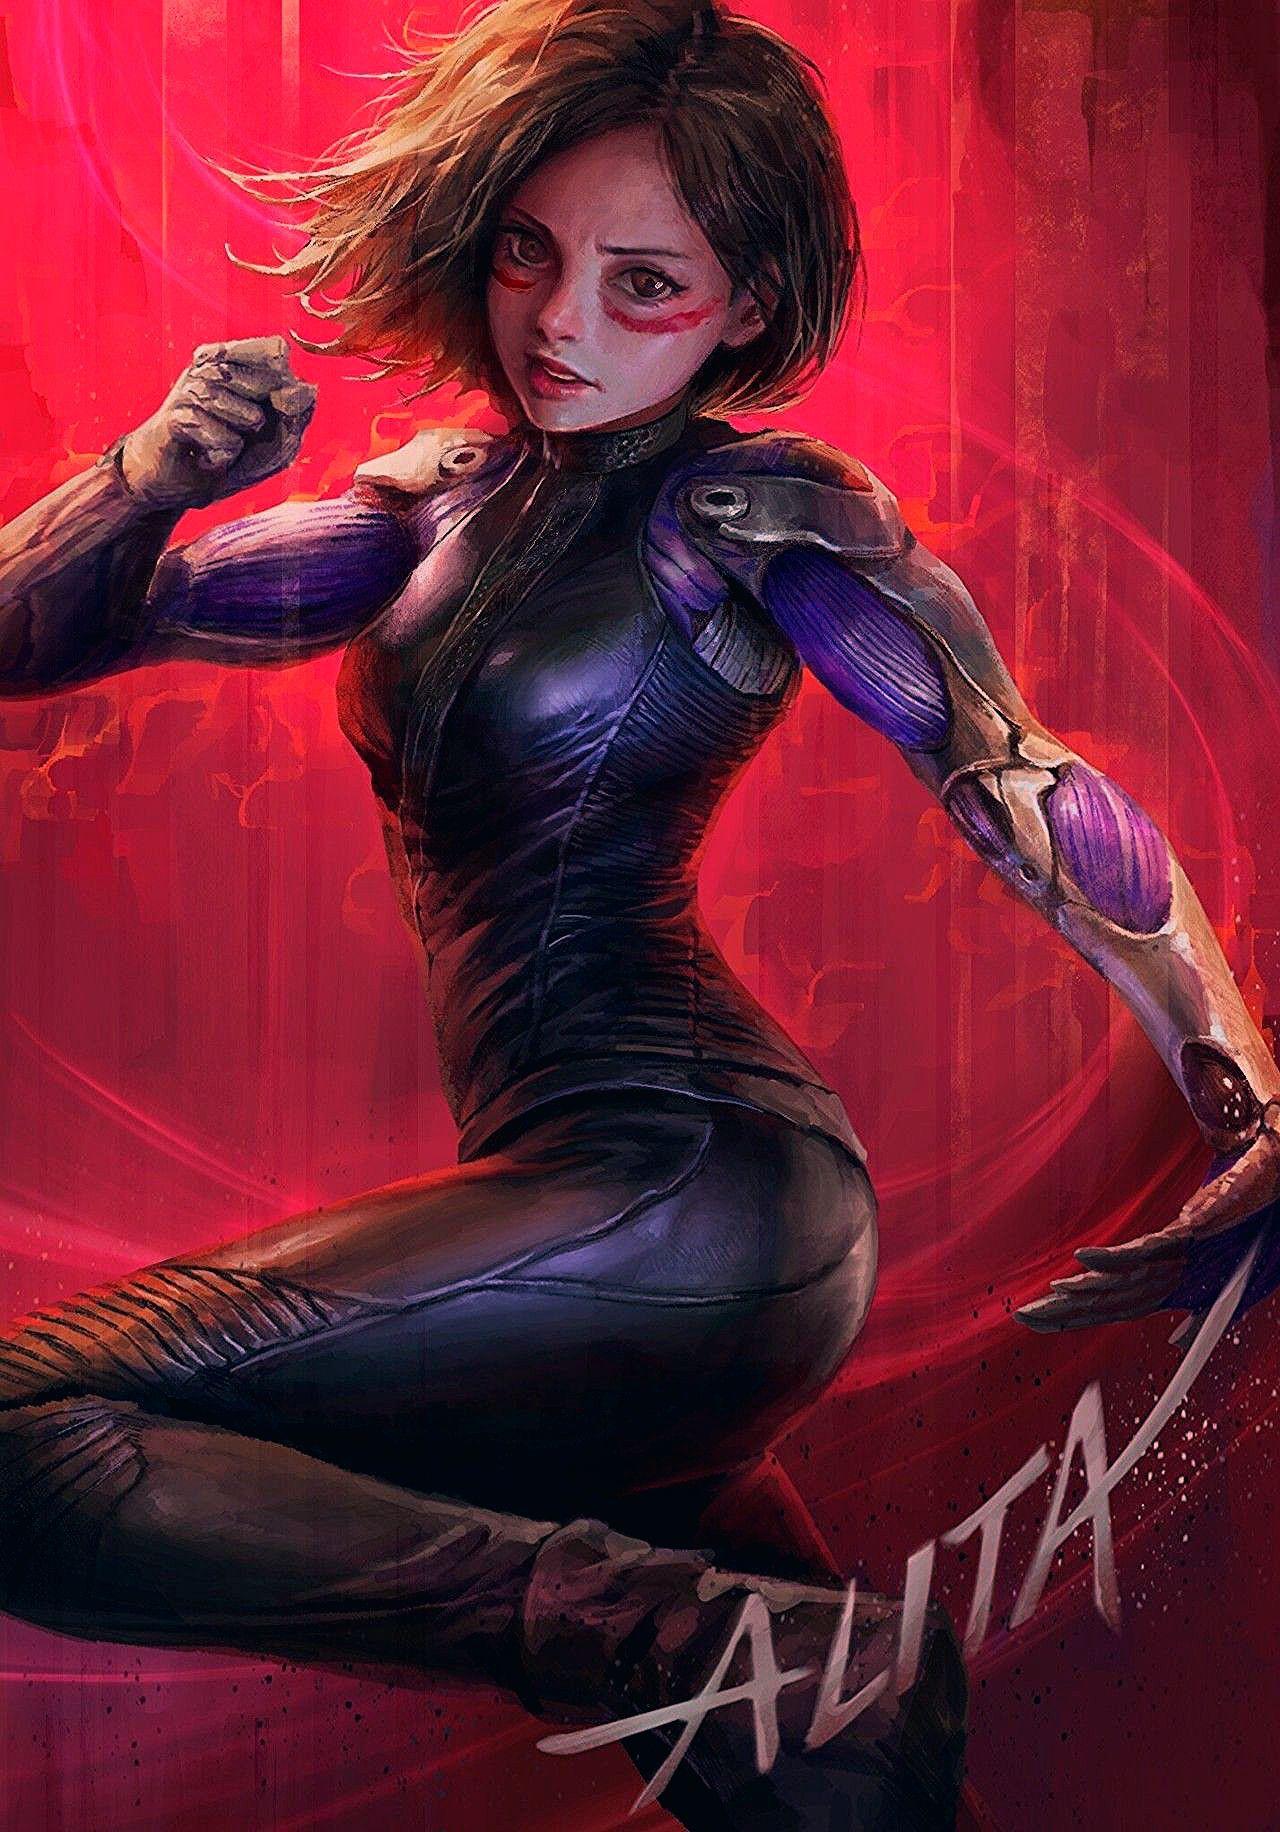 Alita Battle Angel Fan Art Created by Rayden... in 2020